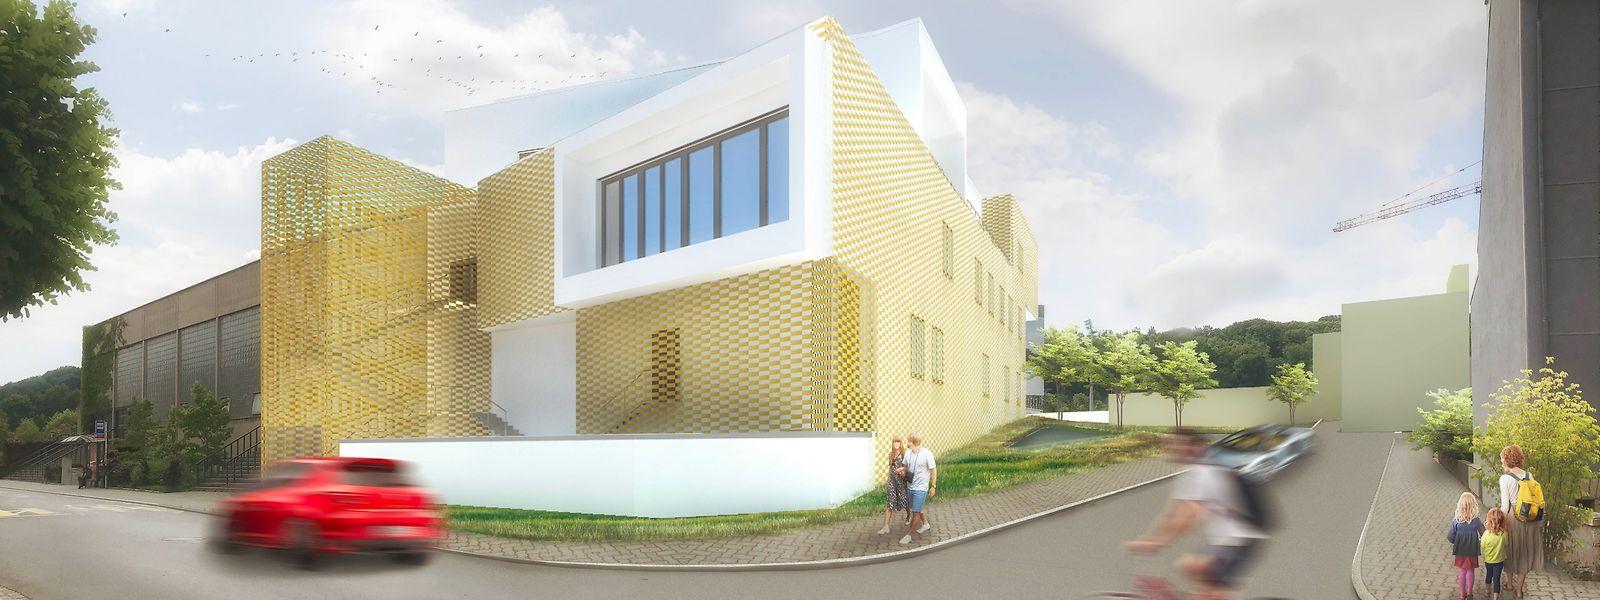 En septembre 2020, lorsque les travaux seront achevés, un nouveau centre de diagnostic aura pris place à Differdange.